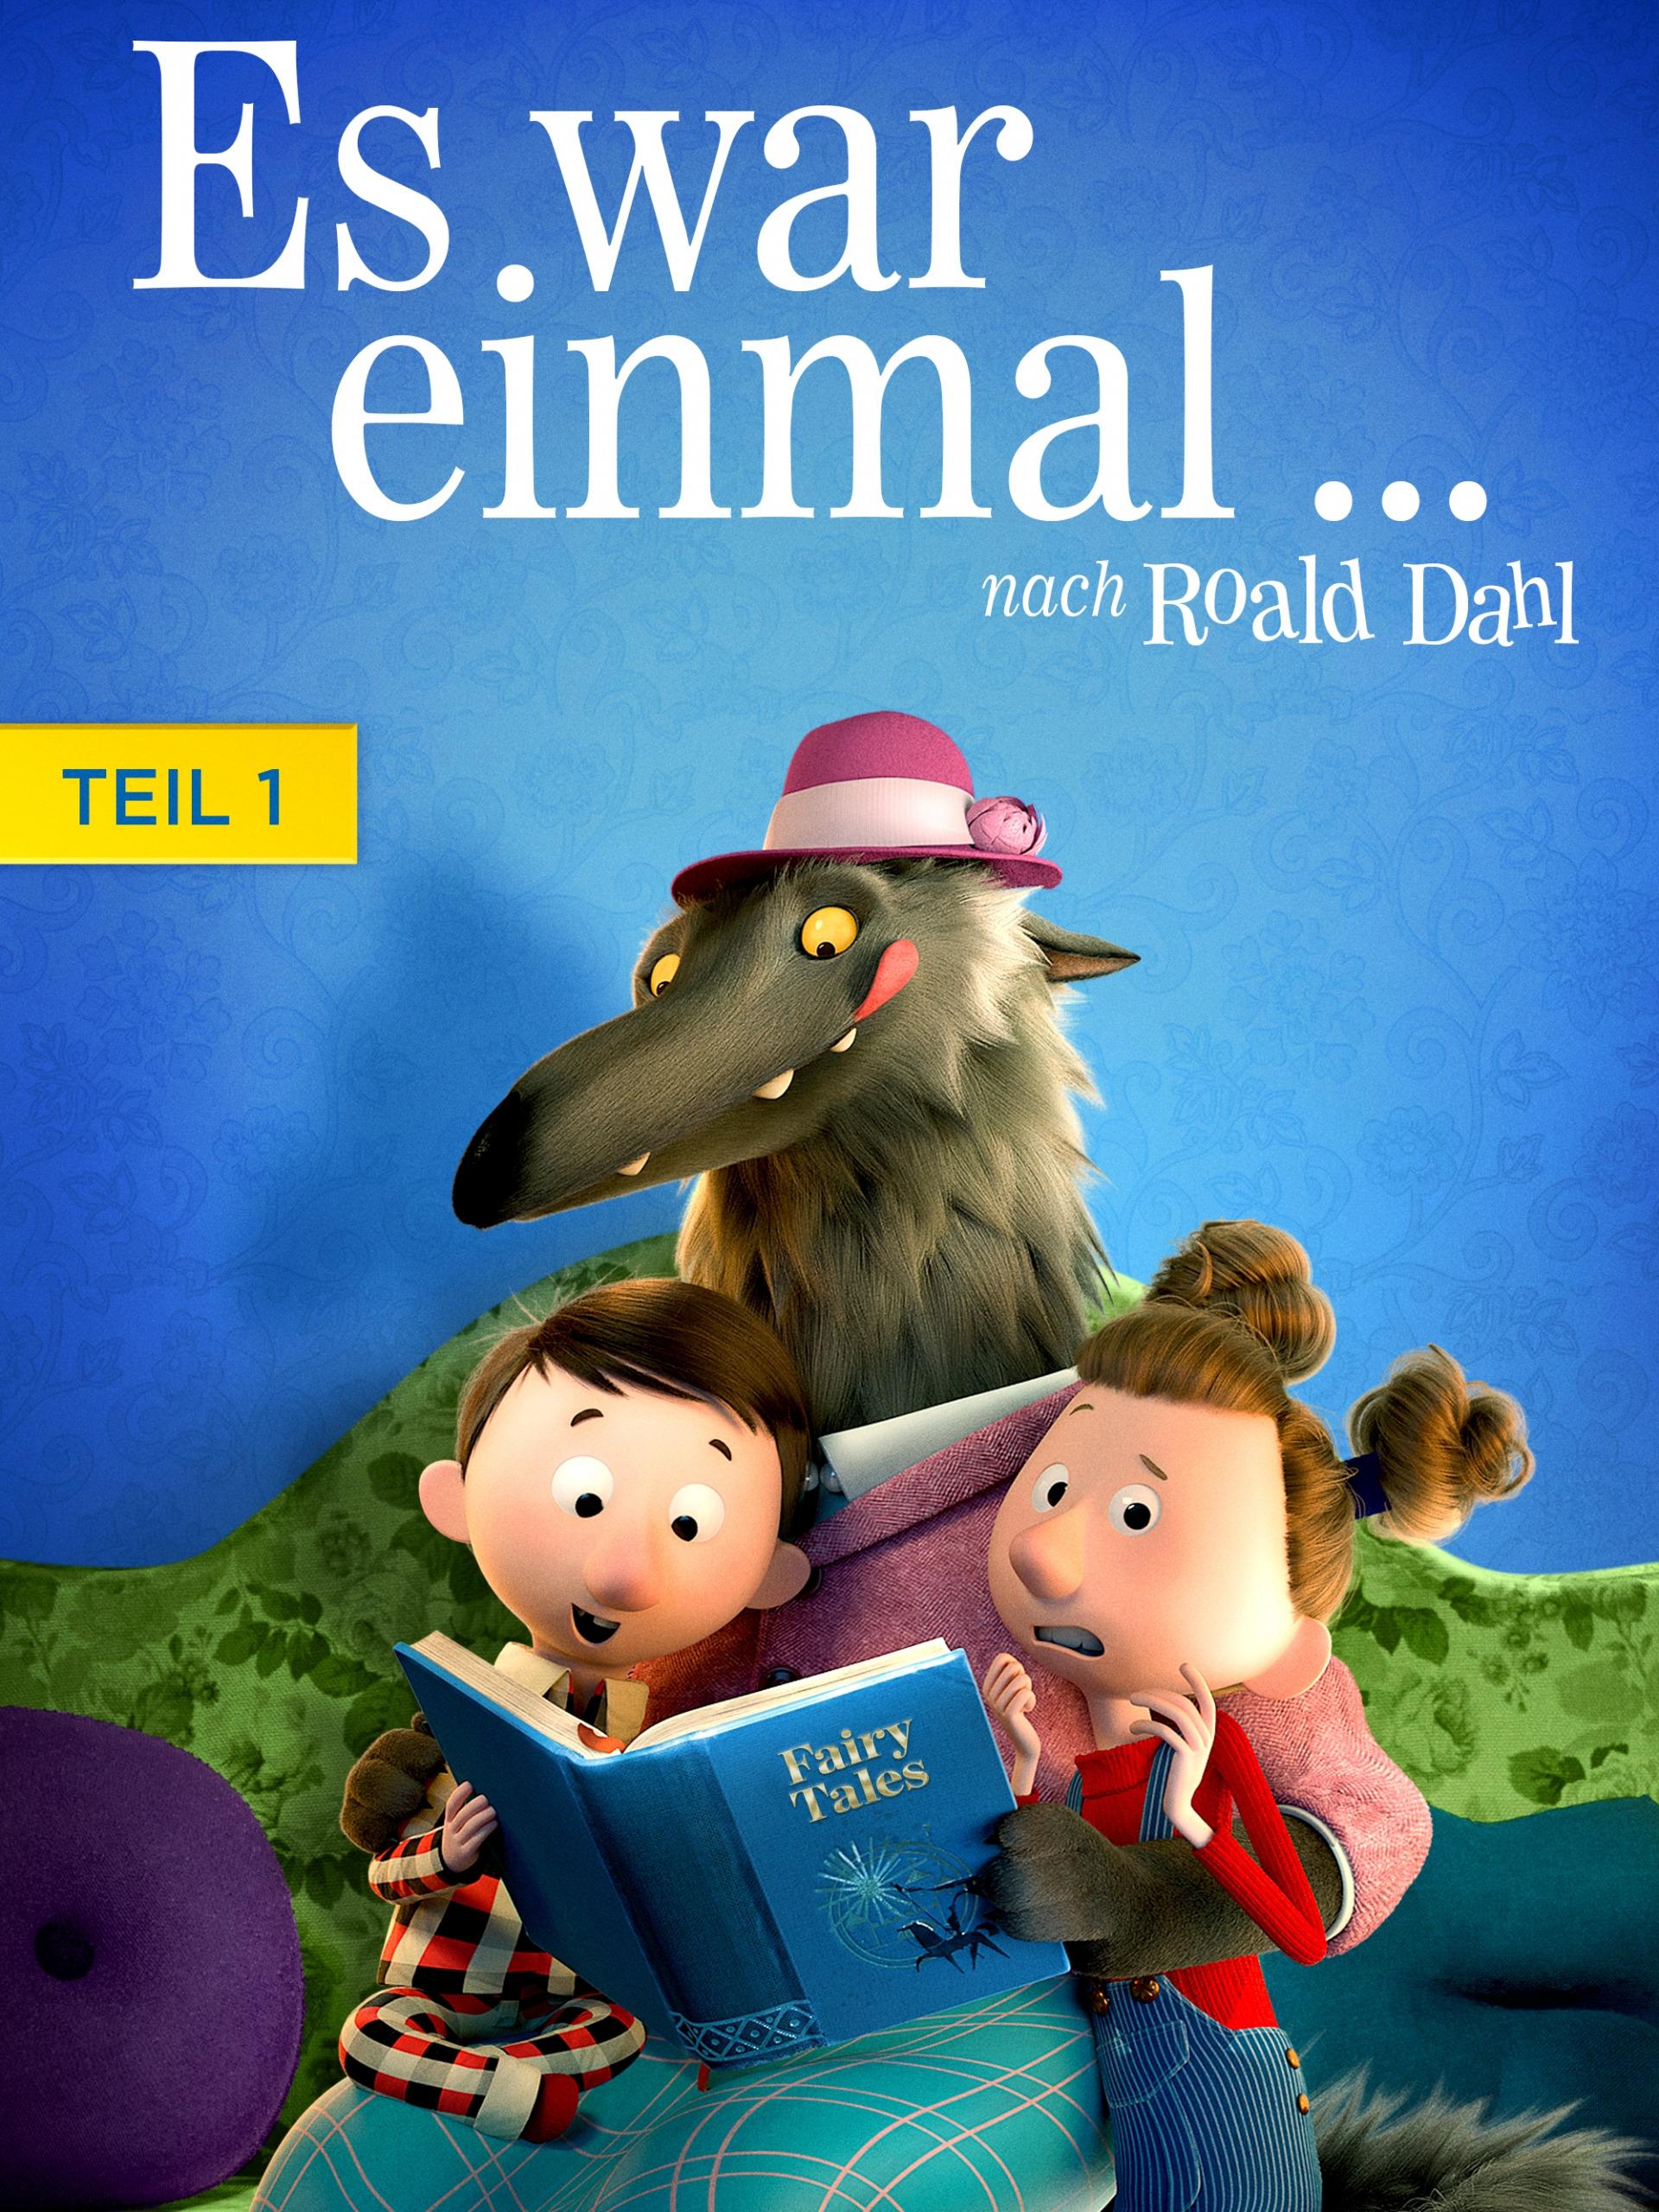 Es war einmal... nach Roald Dahl